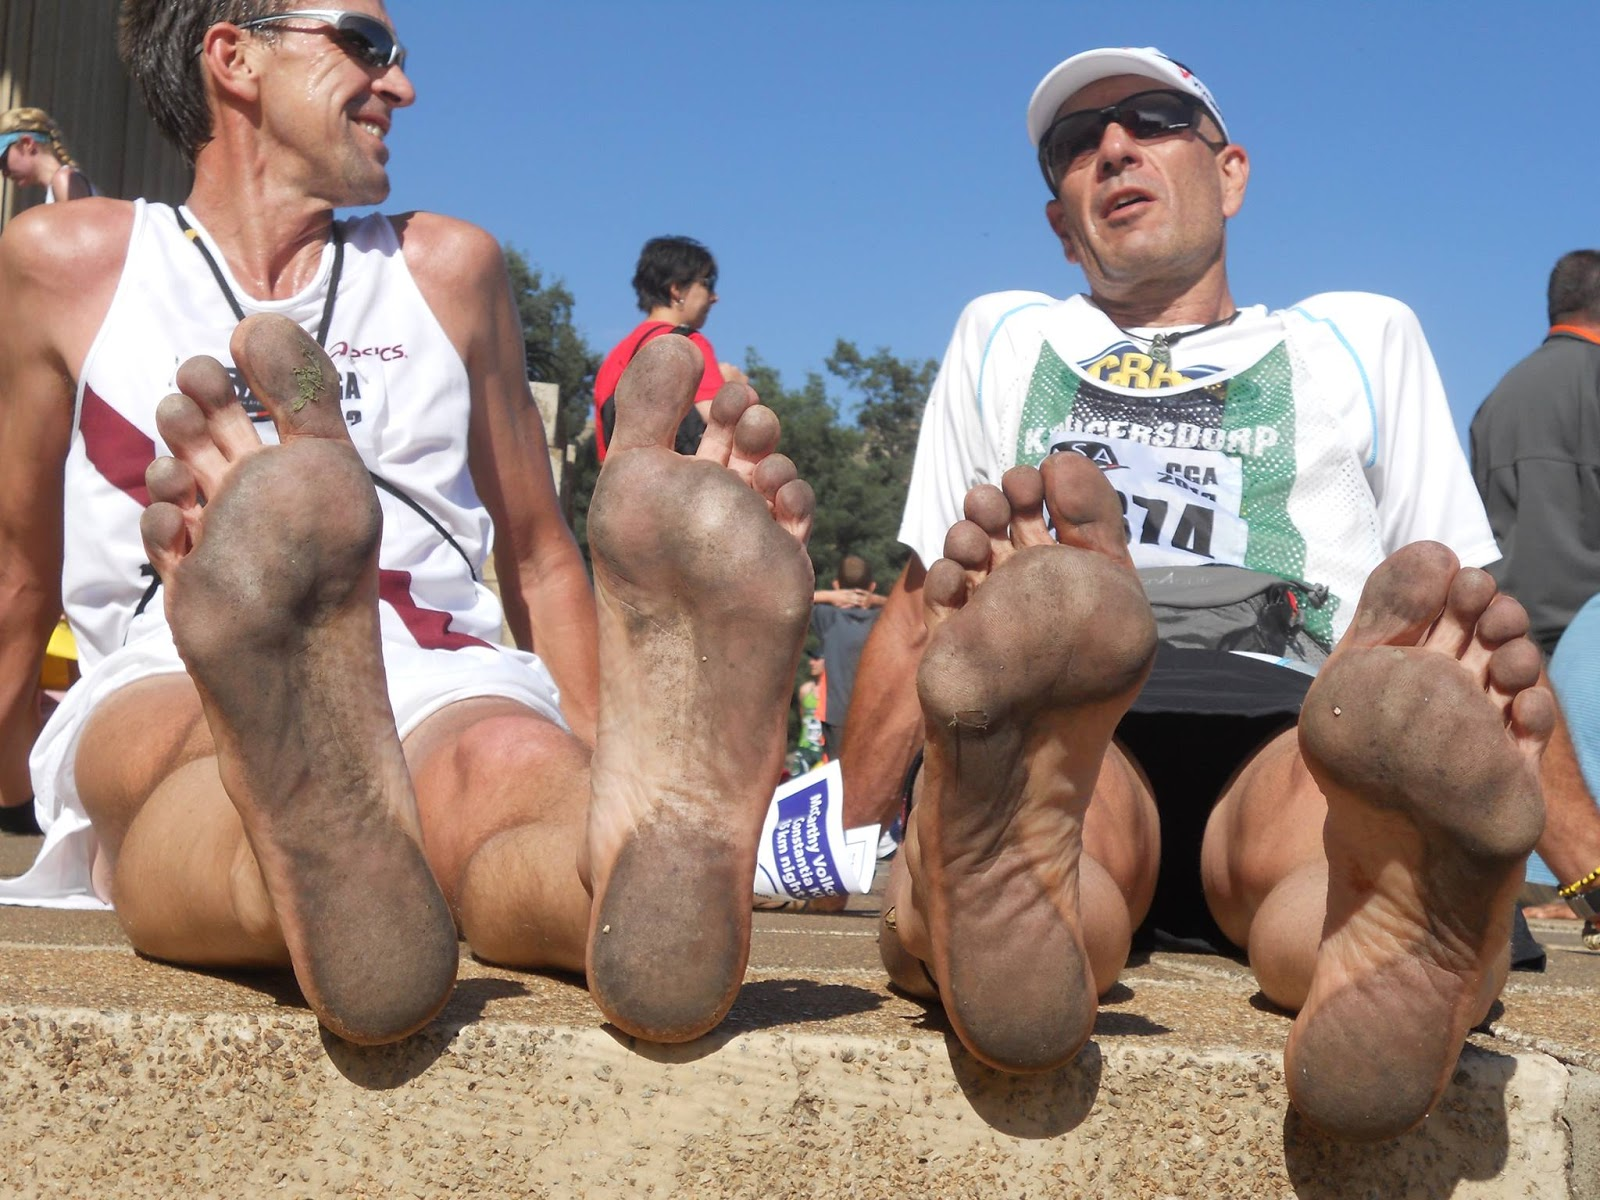 ベアフットランニングにおける足底感度について